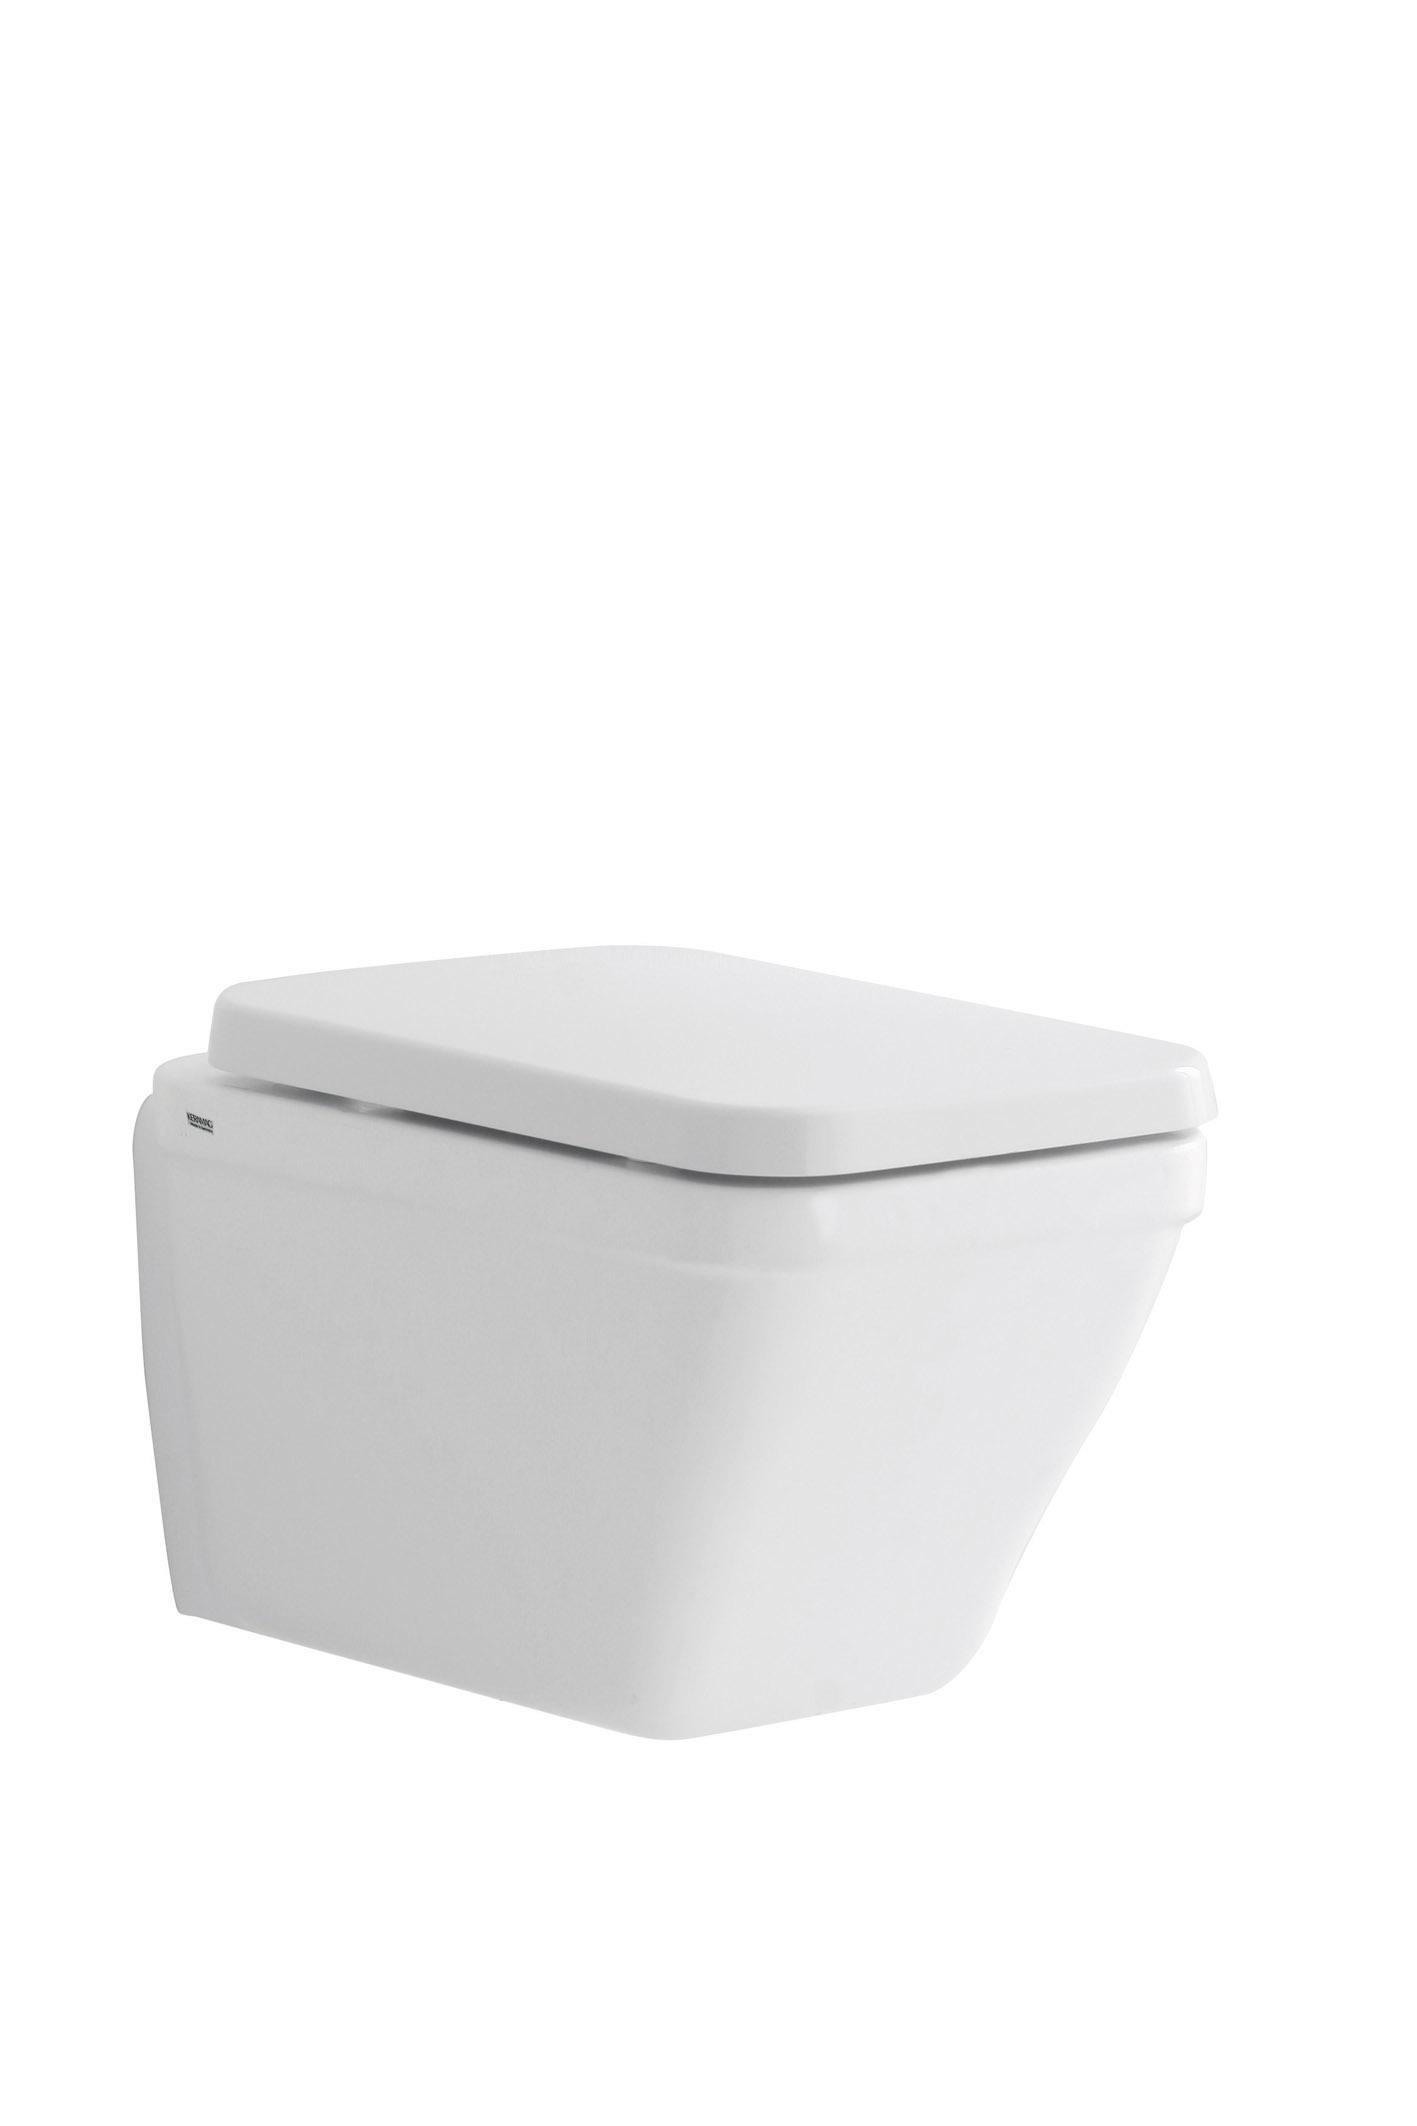 wc/klozety KERAMAG Era WC závěsné